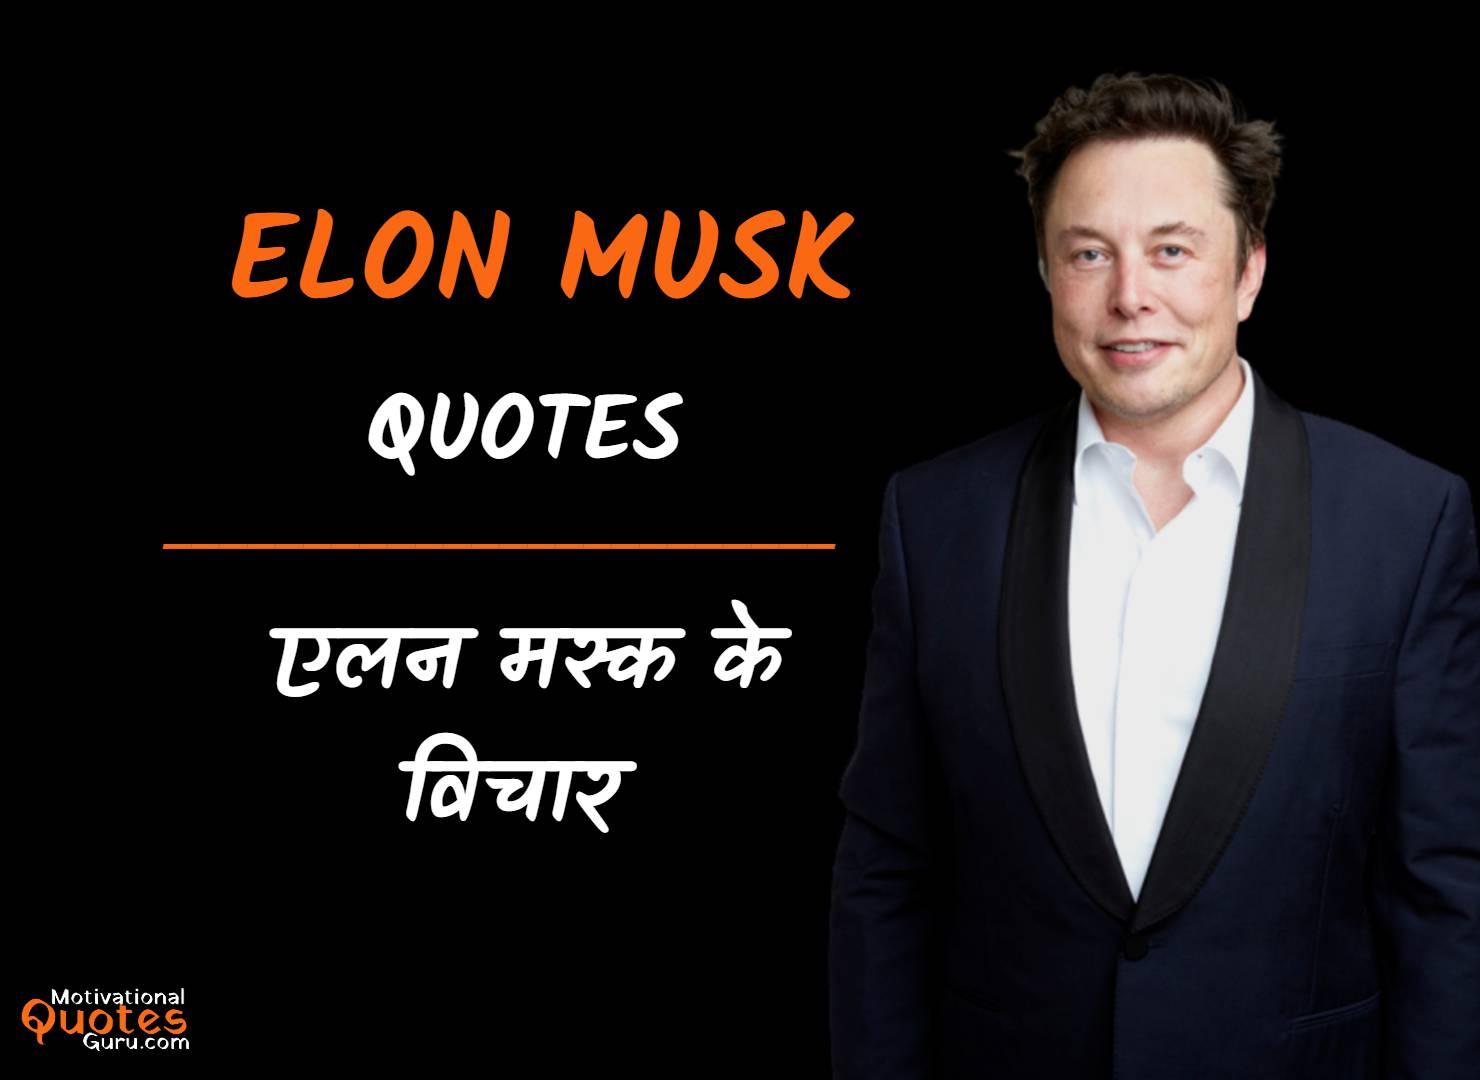 TOP 17 Elon Musk Quotes आपकी सफलता और खुशी को प्रेरित करेंगी